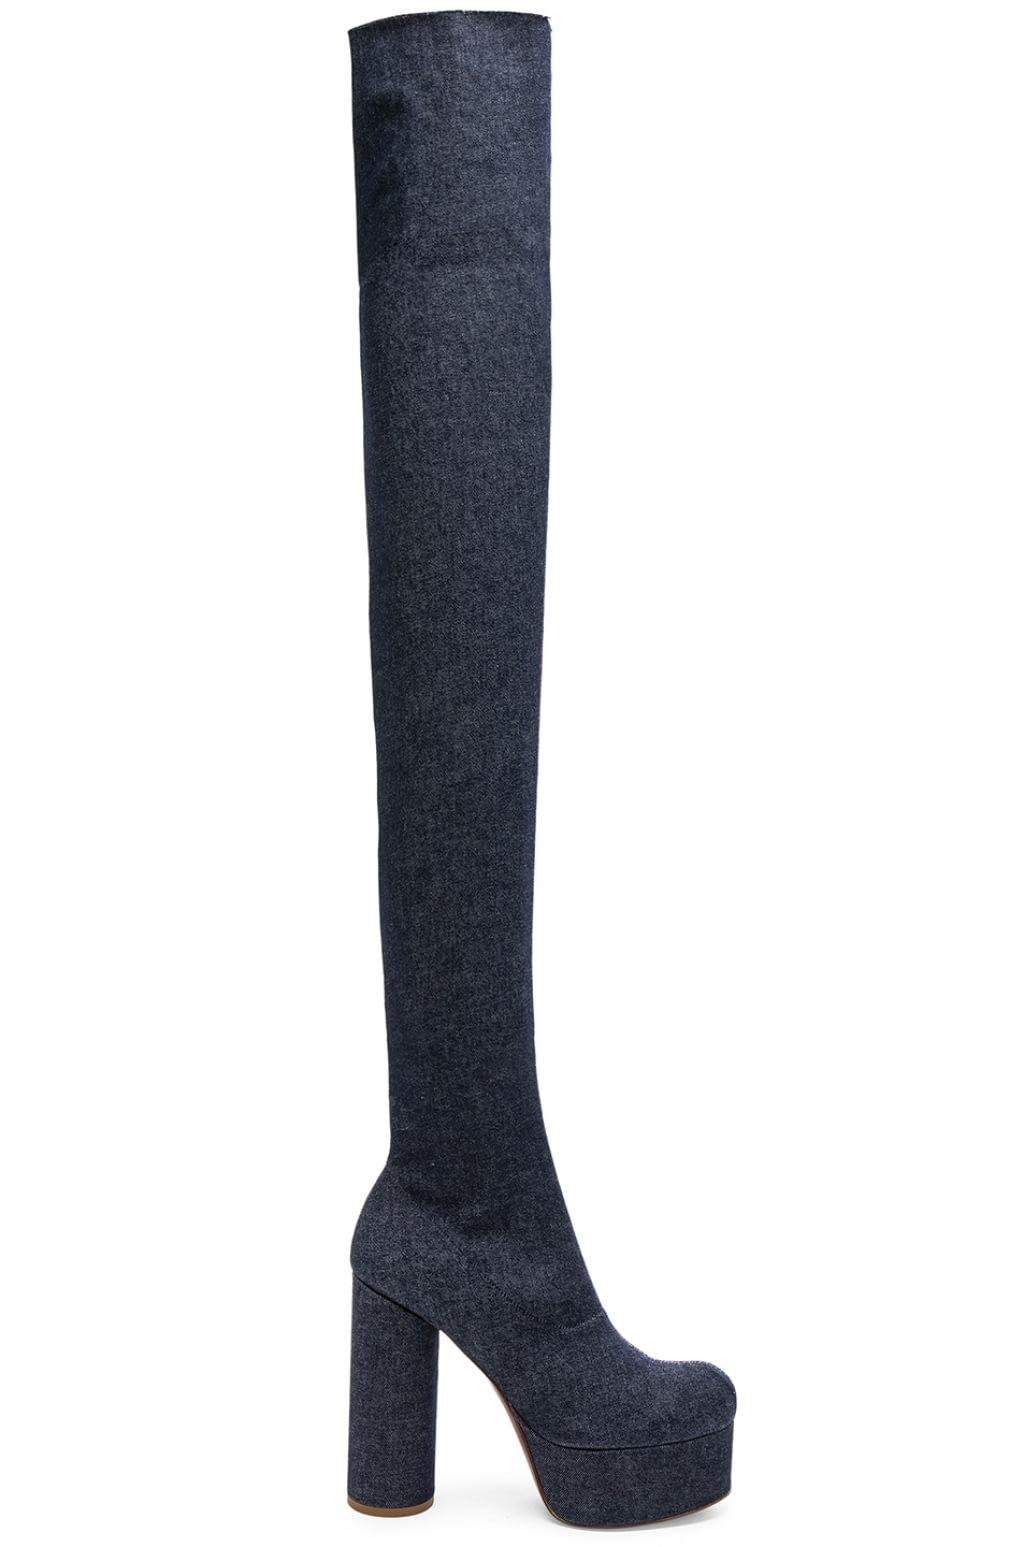 VetementsDenim Thigh High Platform Boots in . iRuwkd3